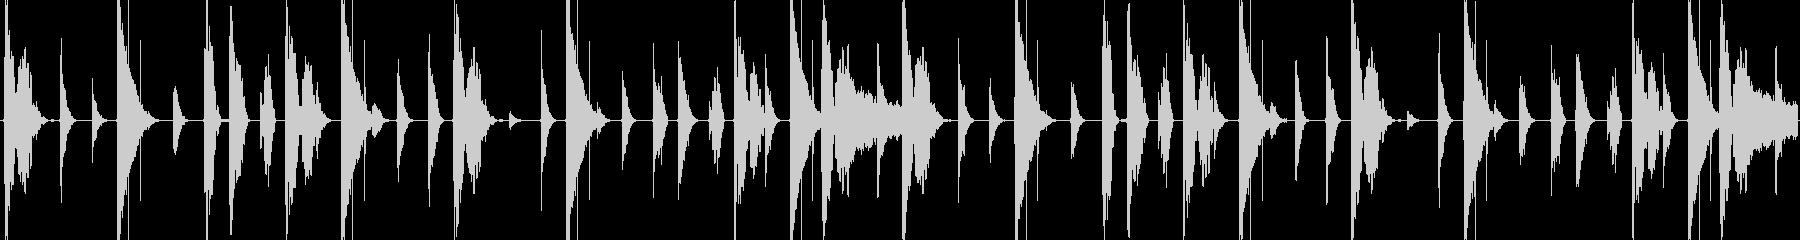 HIPHOPリズムループの未再生の波形